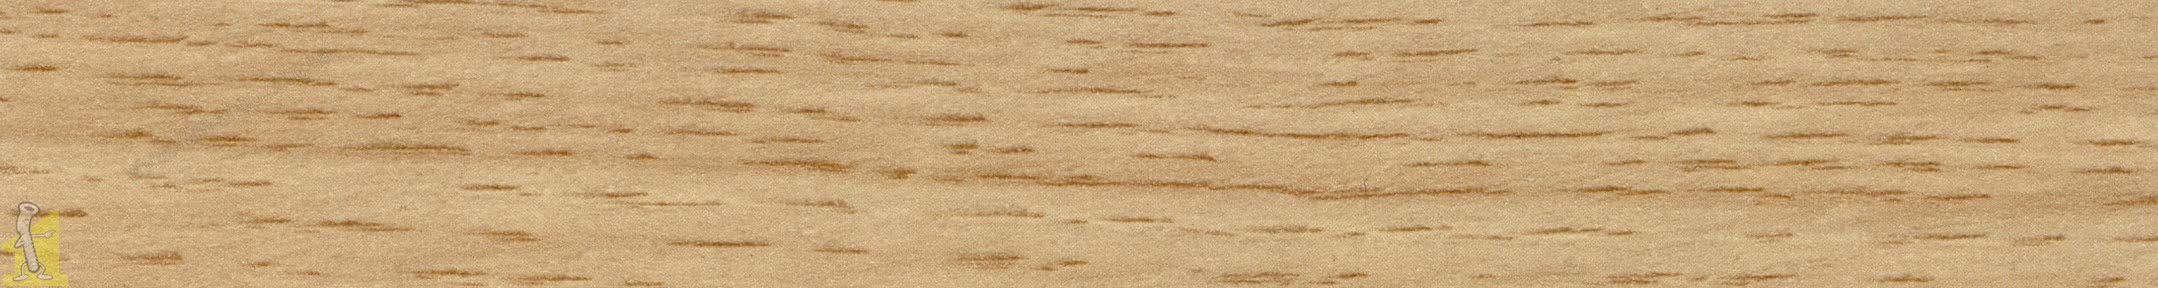 Крайка меламінова меблева з клеєм Zbytex 21мм дуб мілано №270